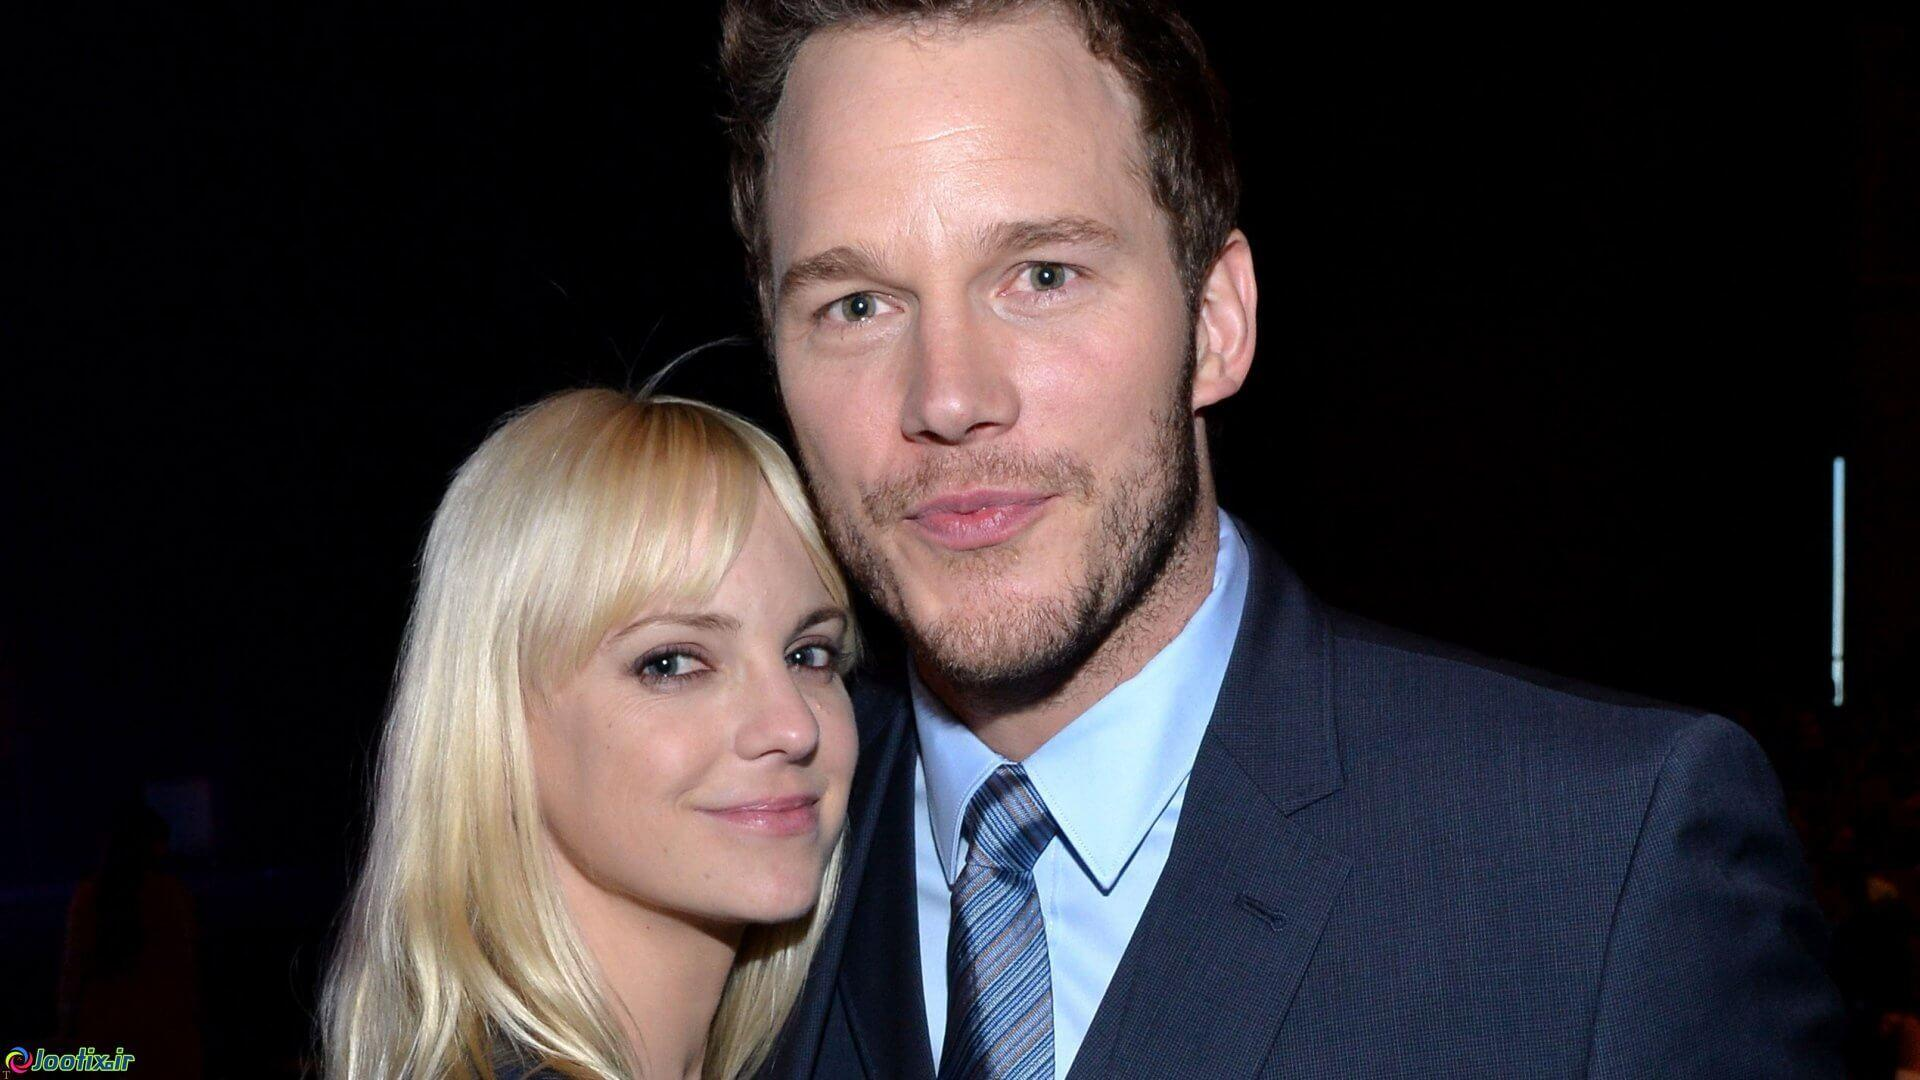 جنجال جدایی کریس پرت و آنا فاریس زوج سرشناس هالیوود